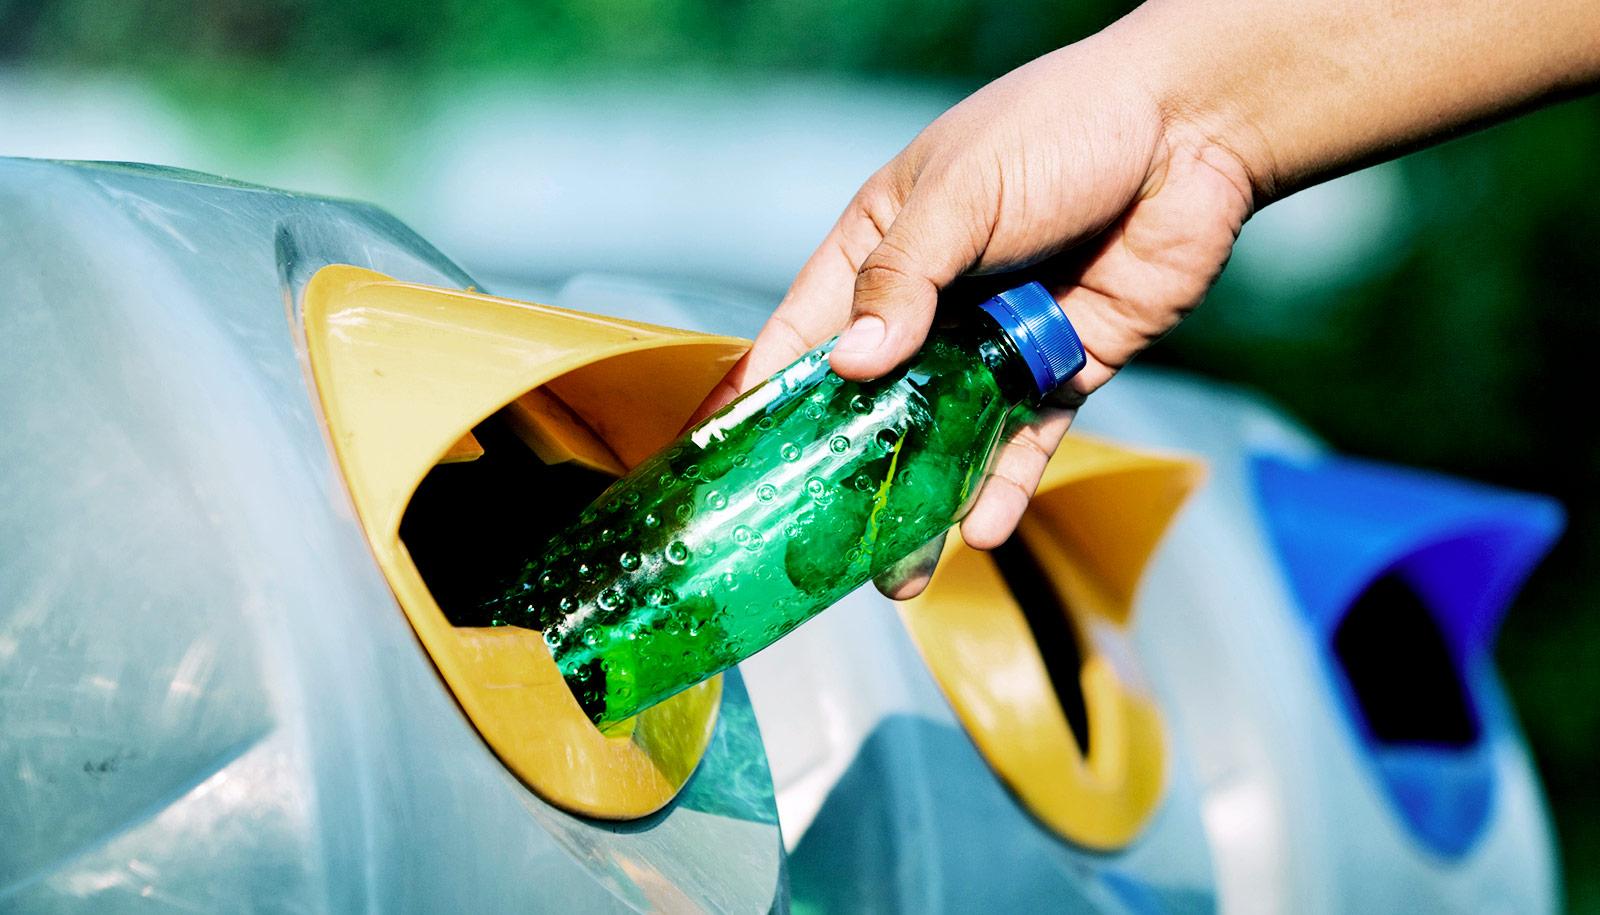 Plastični otpad i reciklaža u EU-u: Činjenice i brojke